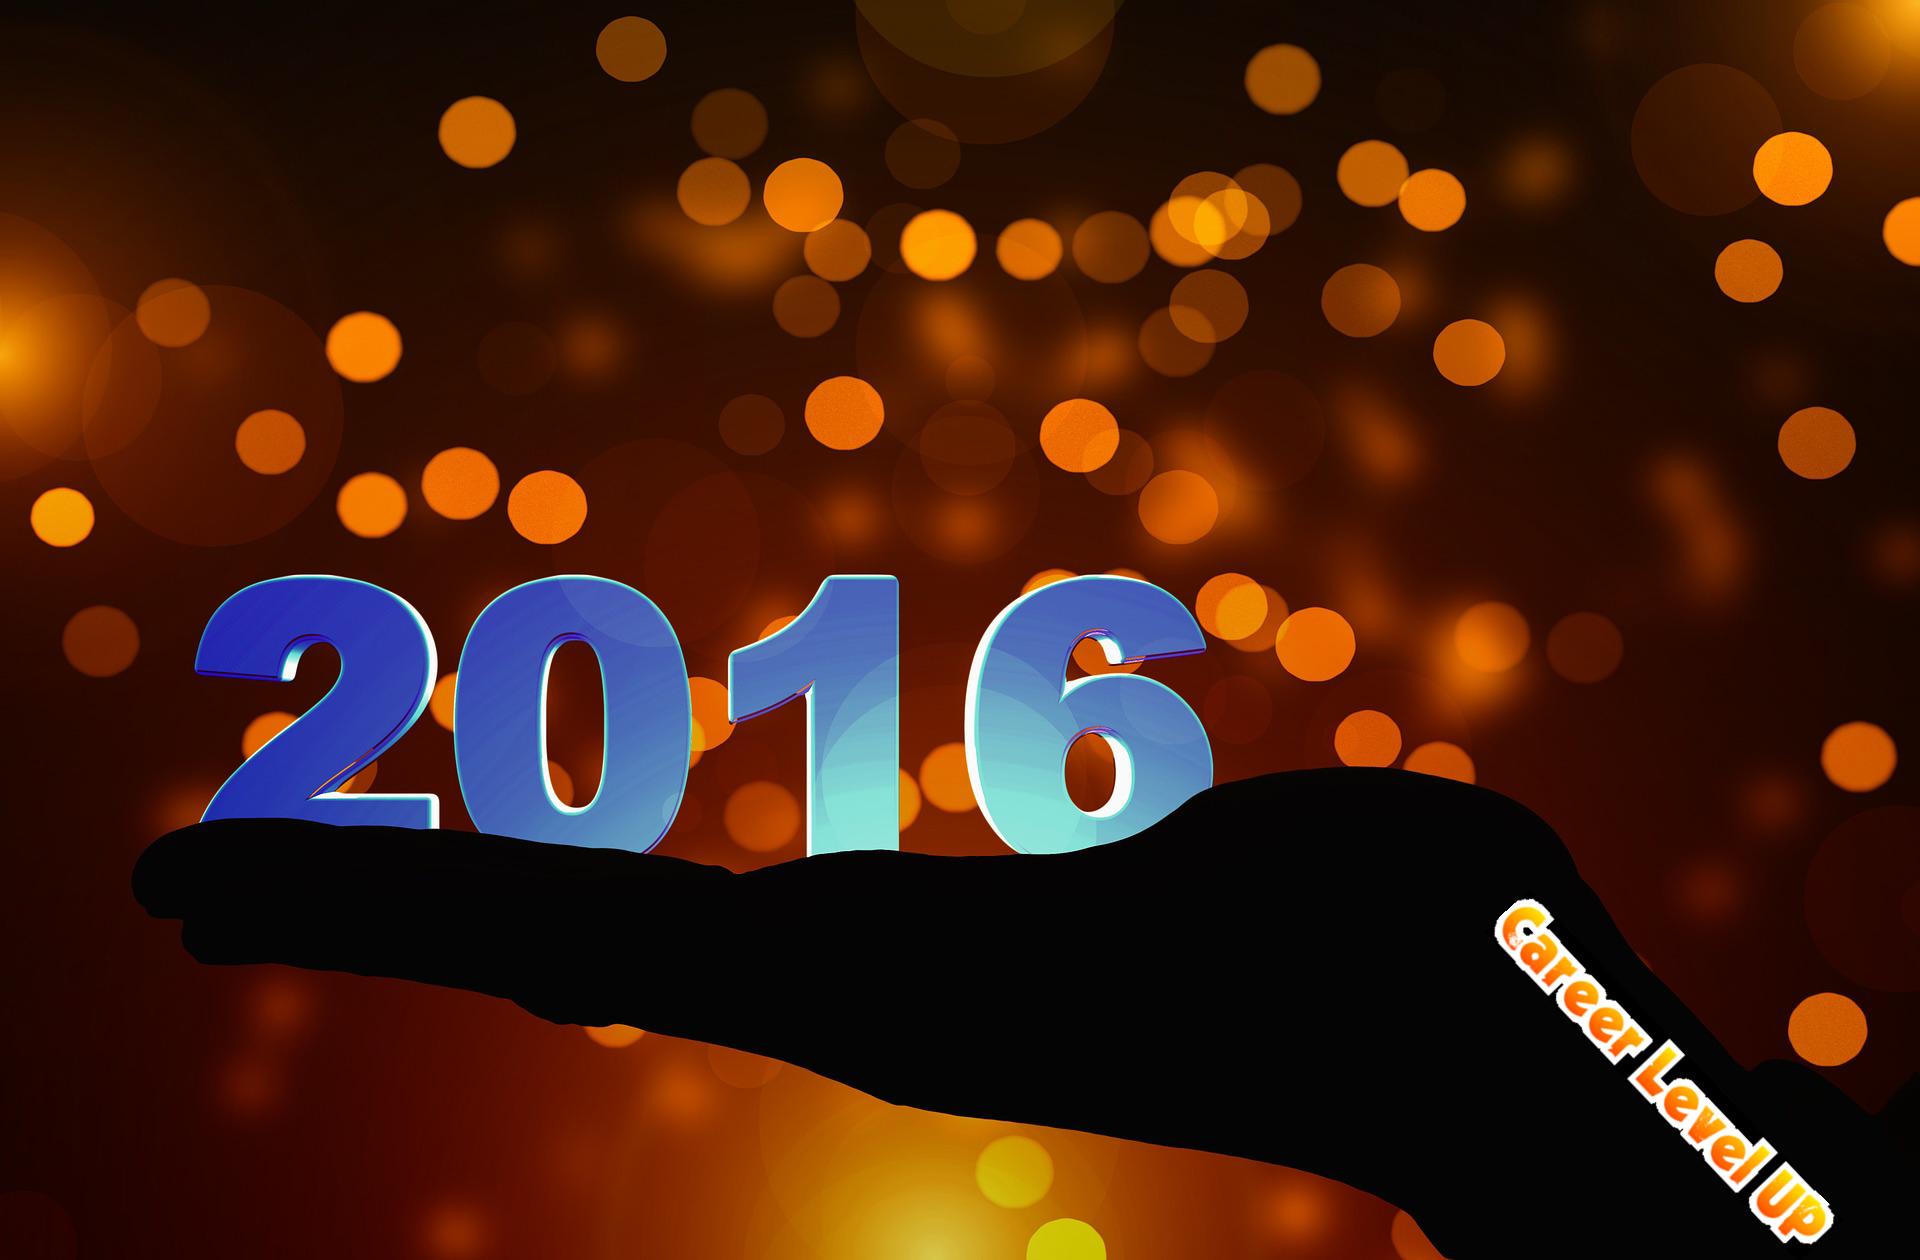 Bye 2015! CC 0